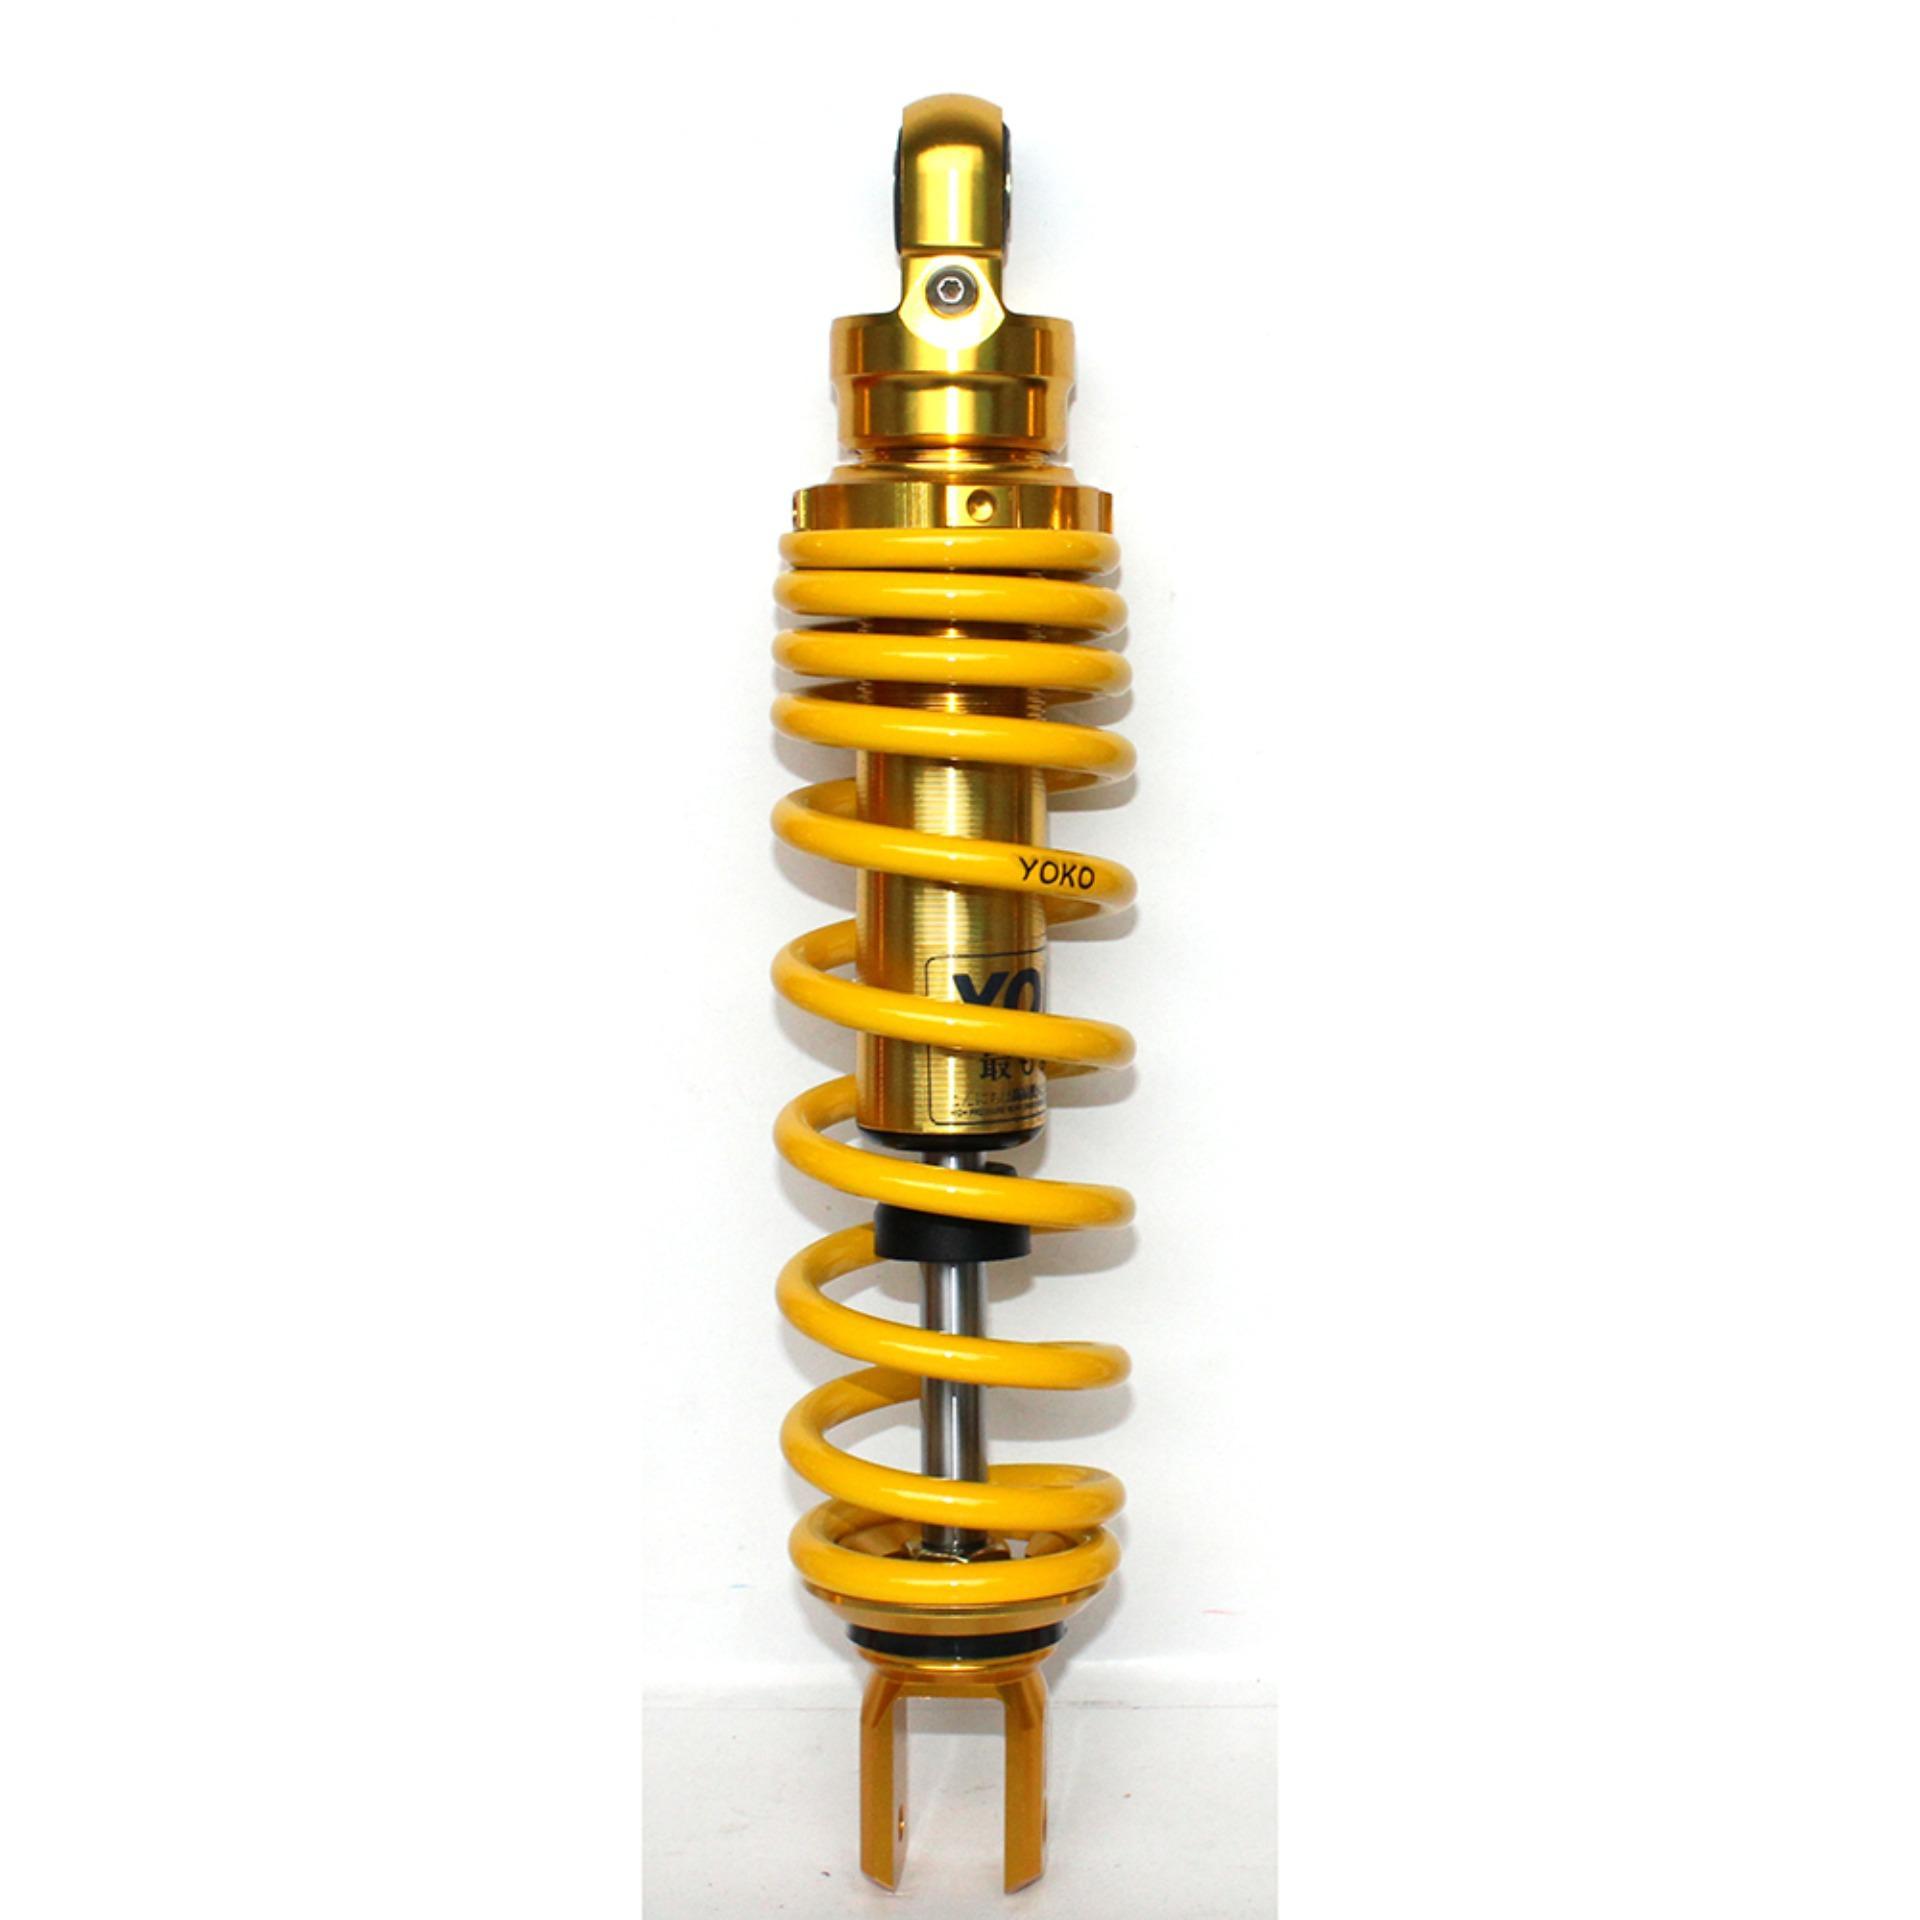 ... Hyper 178 Vega R 110 Cc Tabung Atas 28 Source Jual vega Dbs Sok Shock Shockbreaker